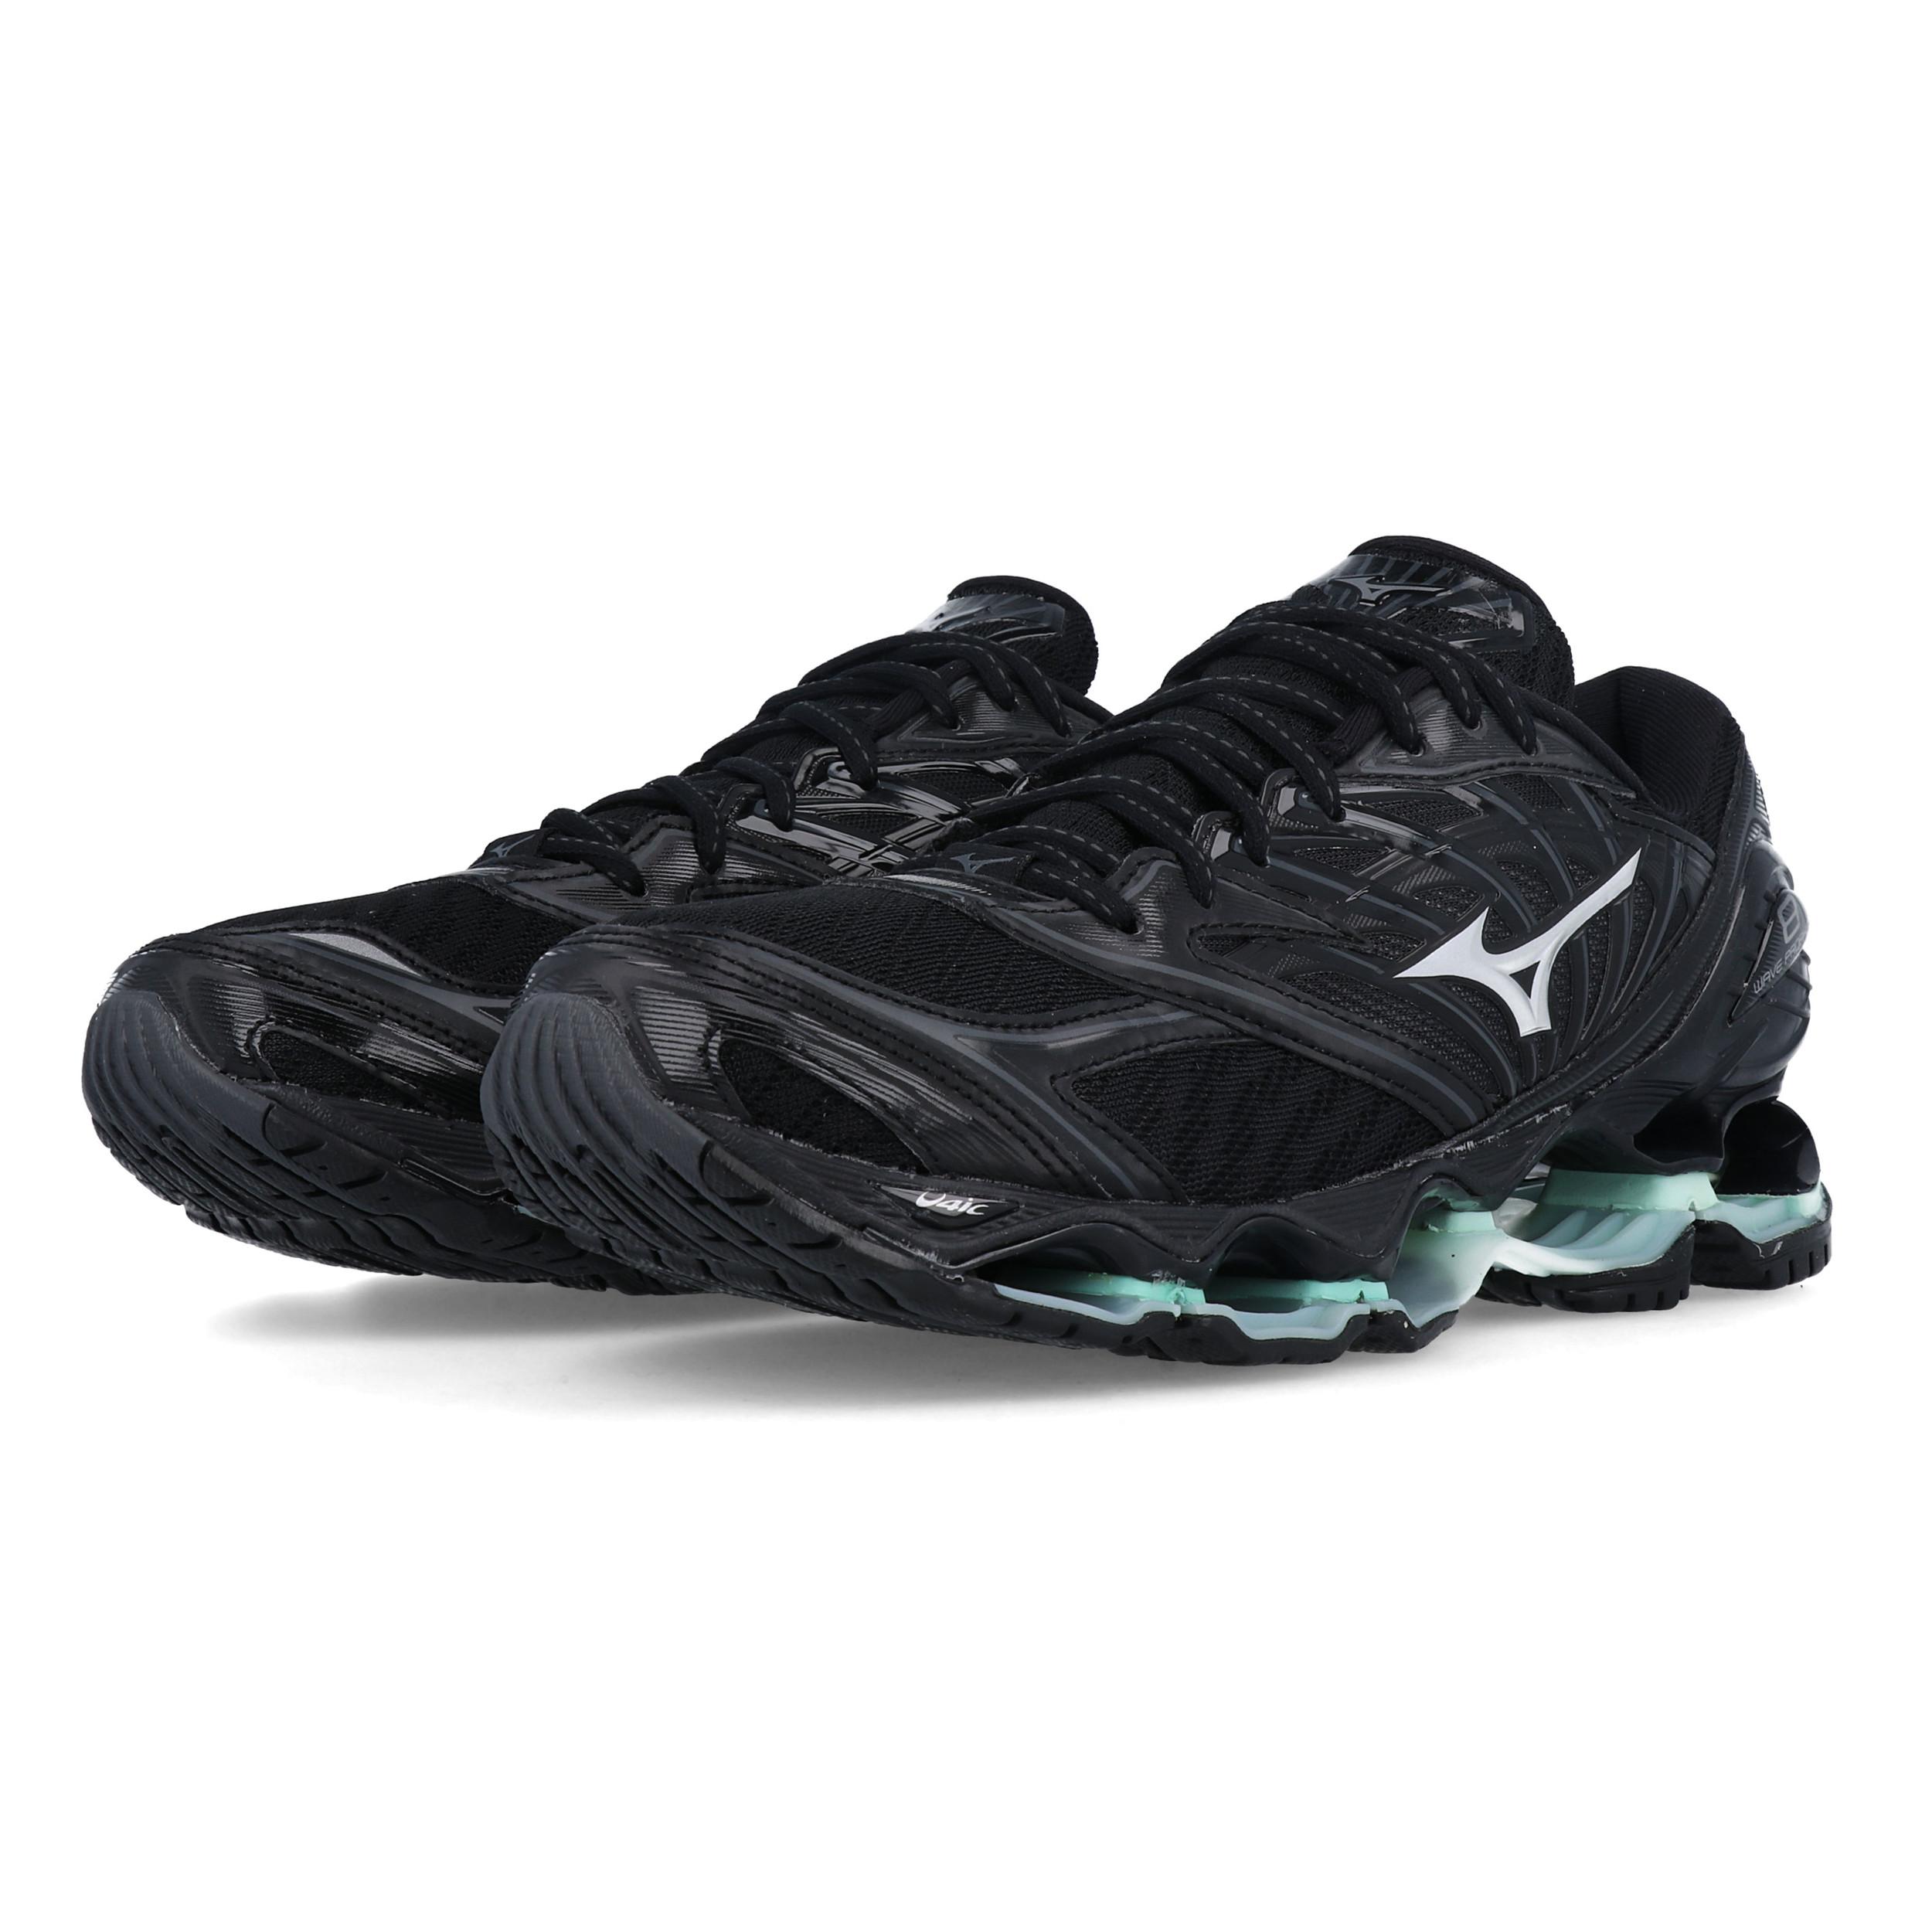 Mizuno Wave Prophecy 8 Women's Running Shoes